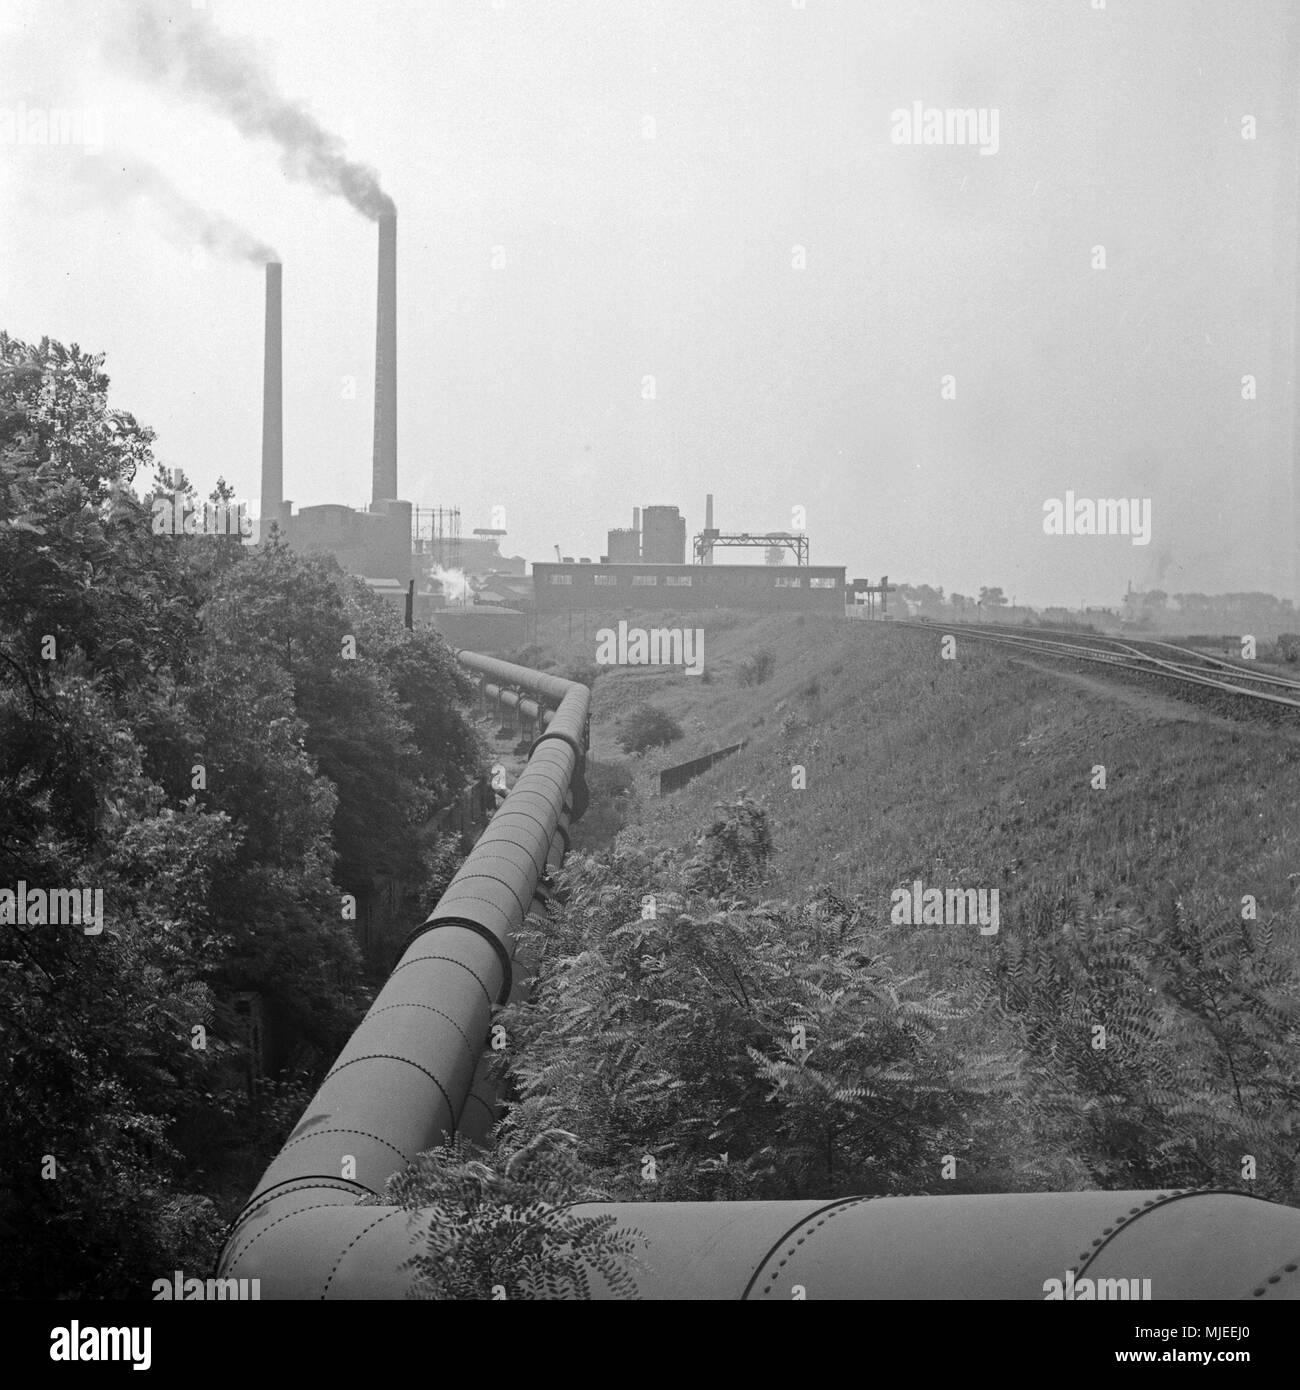 Auf dem Weg zum industriellen Herzen des Ruhrgebiets: Rohrleitung in Duisburg, Deutschland 1930er Jahre. On the way to the industrial heart of the Ruh - Stock Image